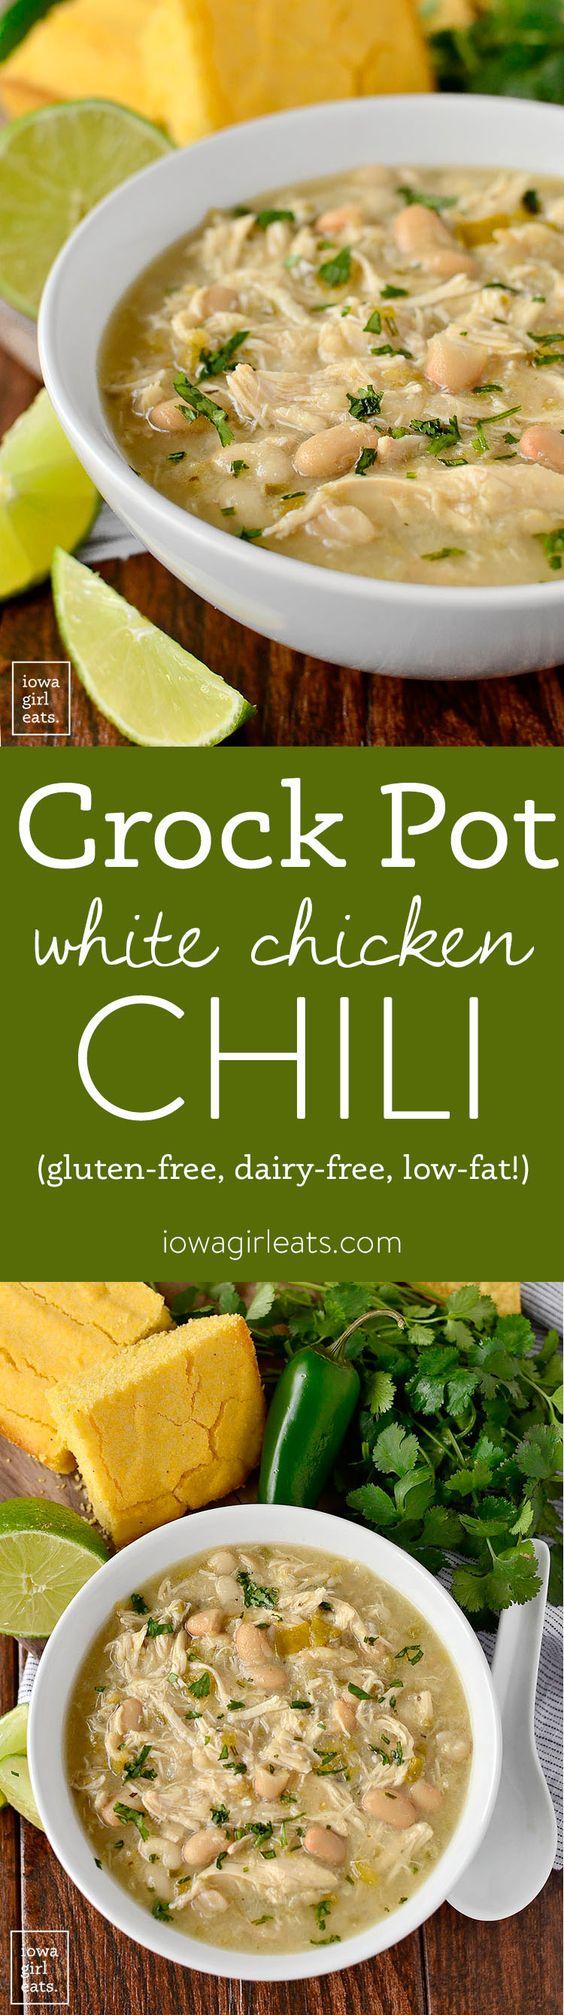 Chili Recipes: Crock Pot White Chicken Chili